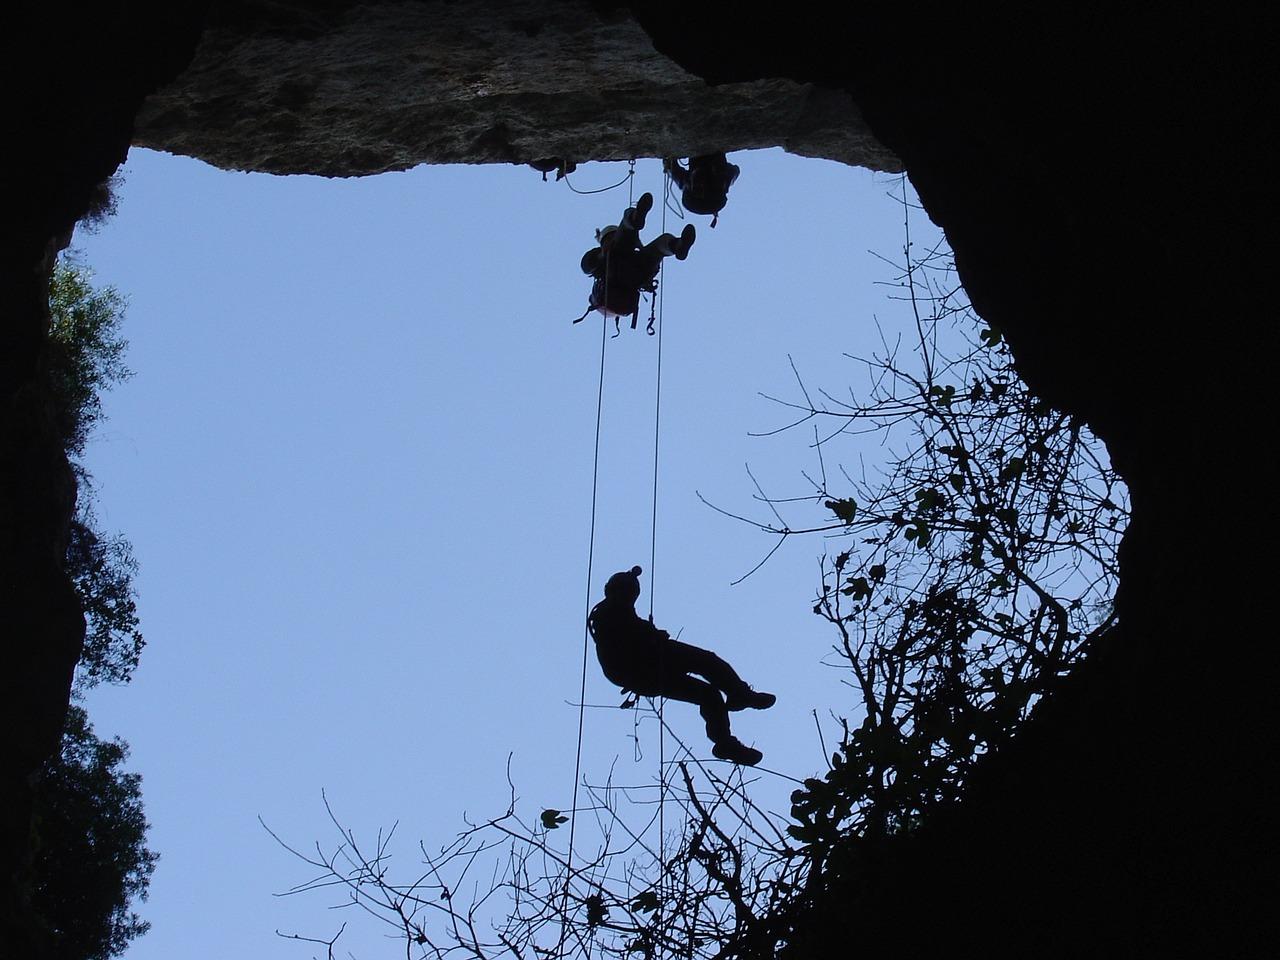 caving-719356_1280